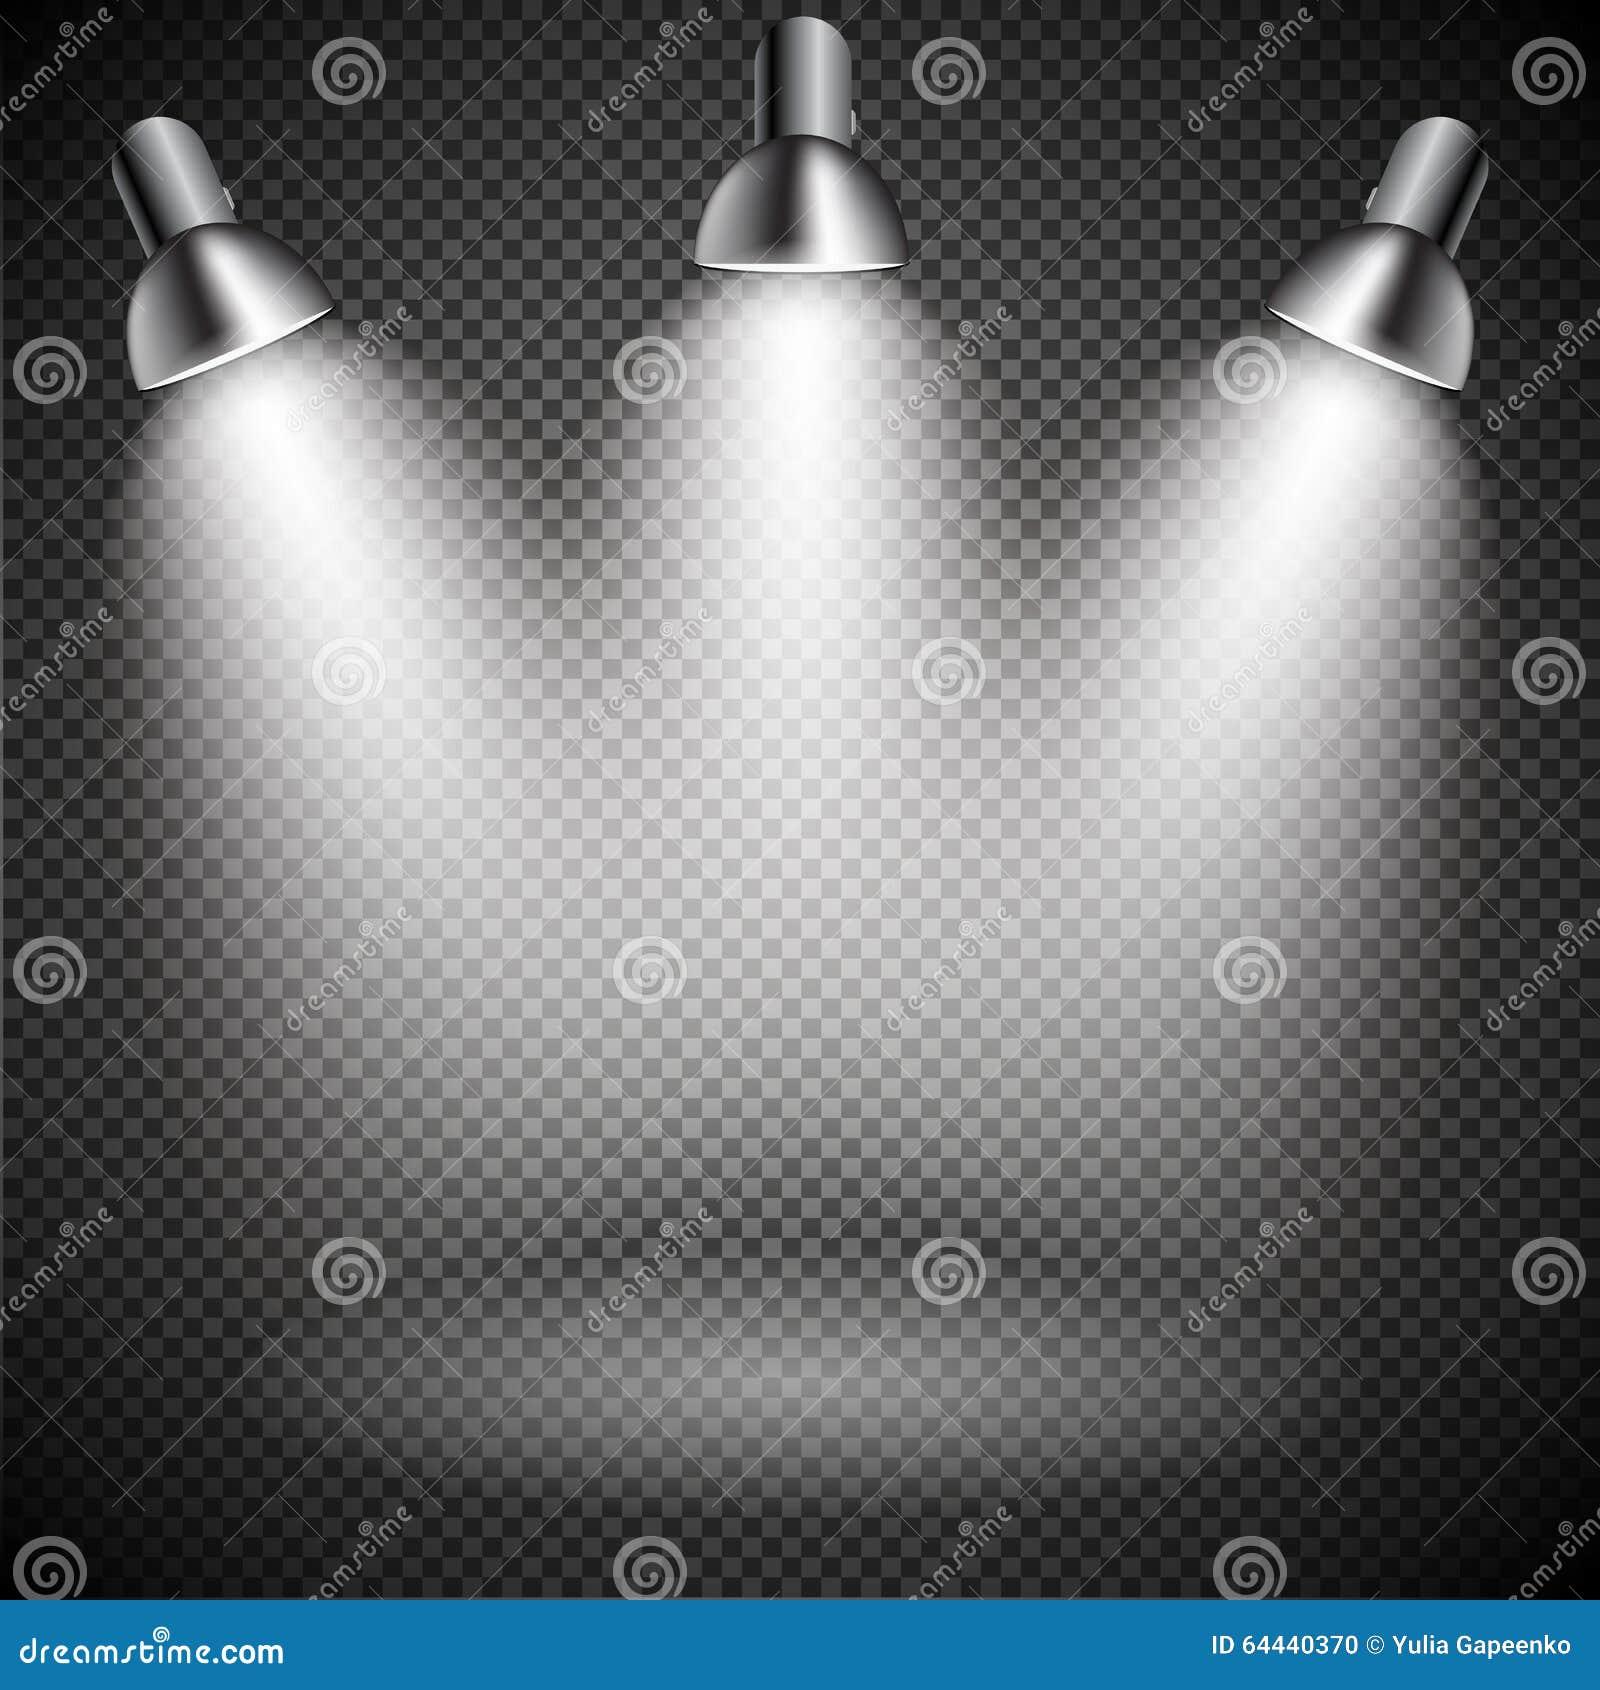 Ljust med belysning riktar uppmärksamheten på lampan